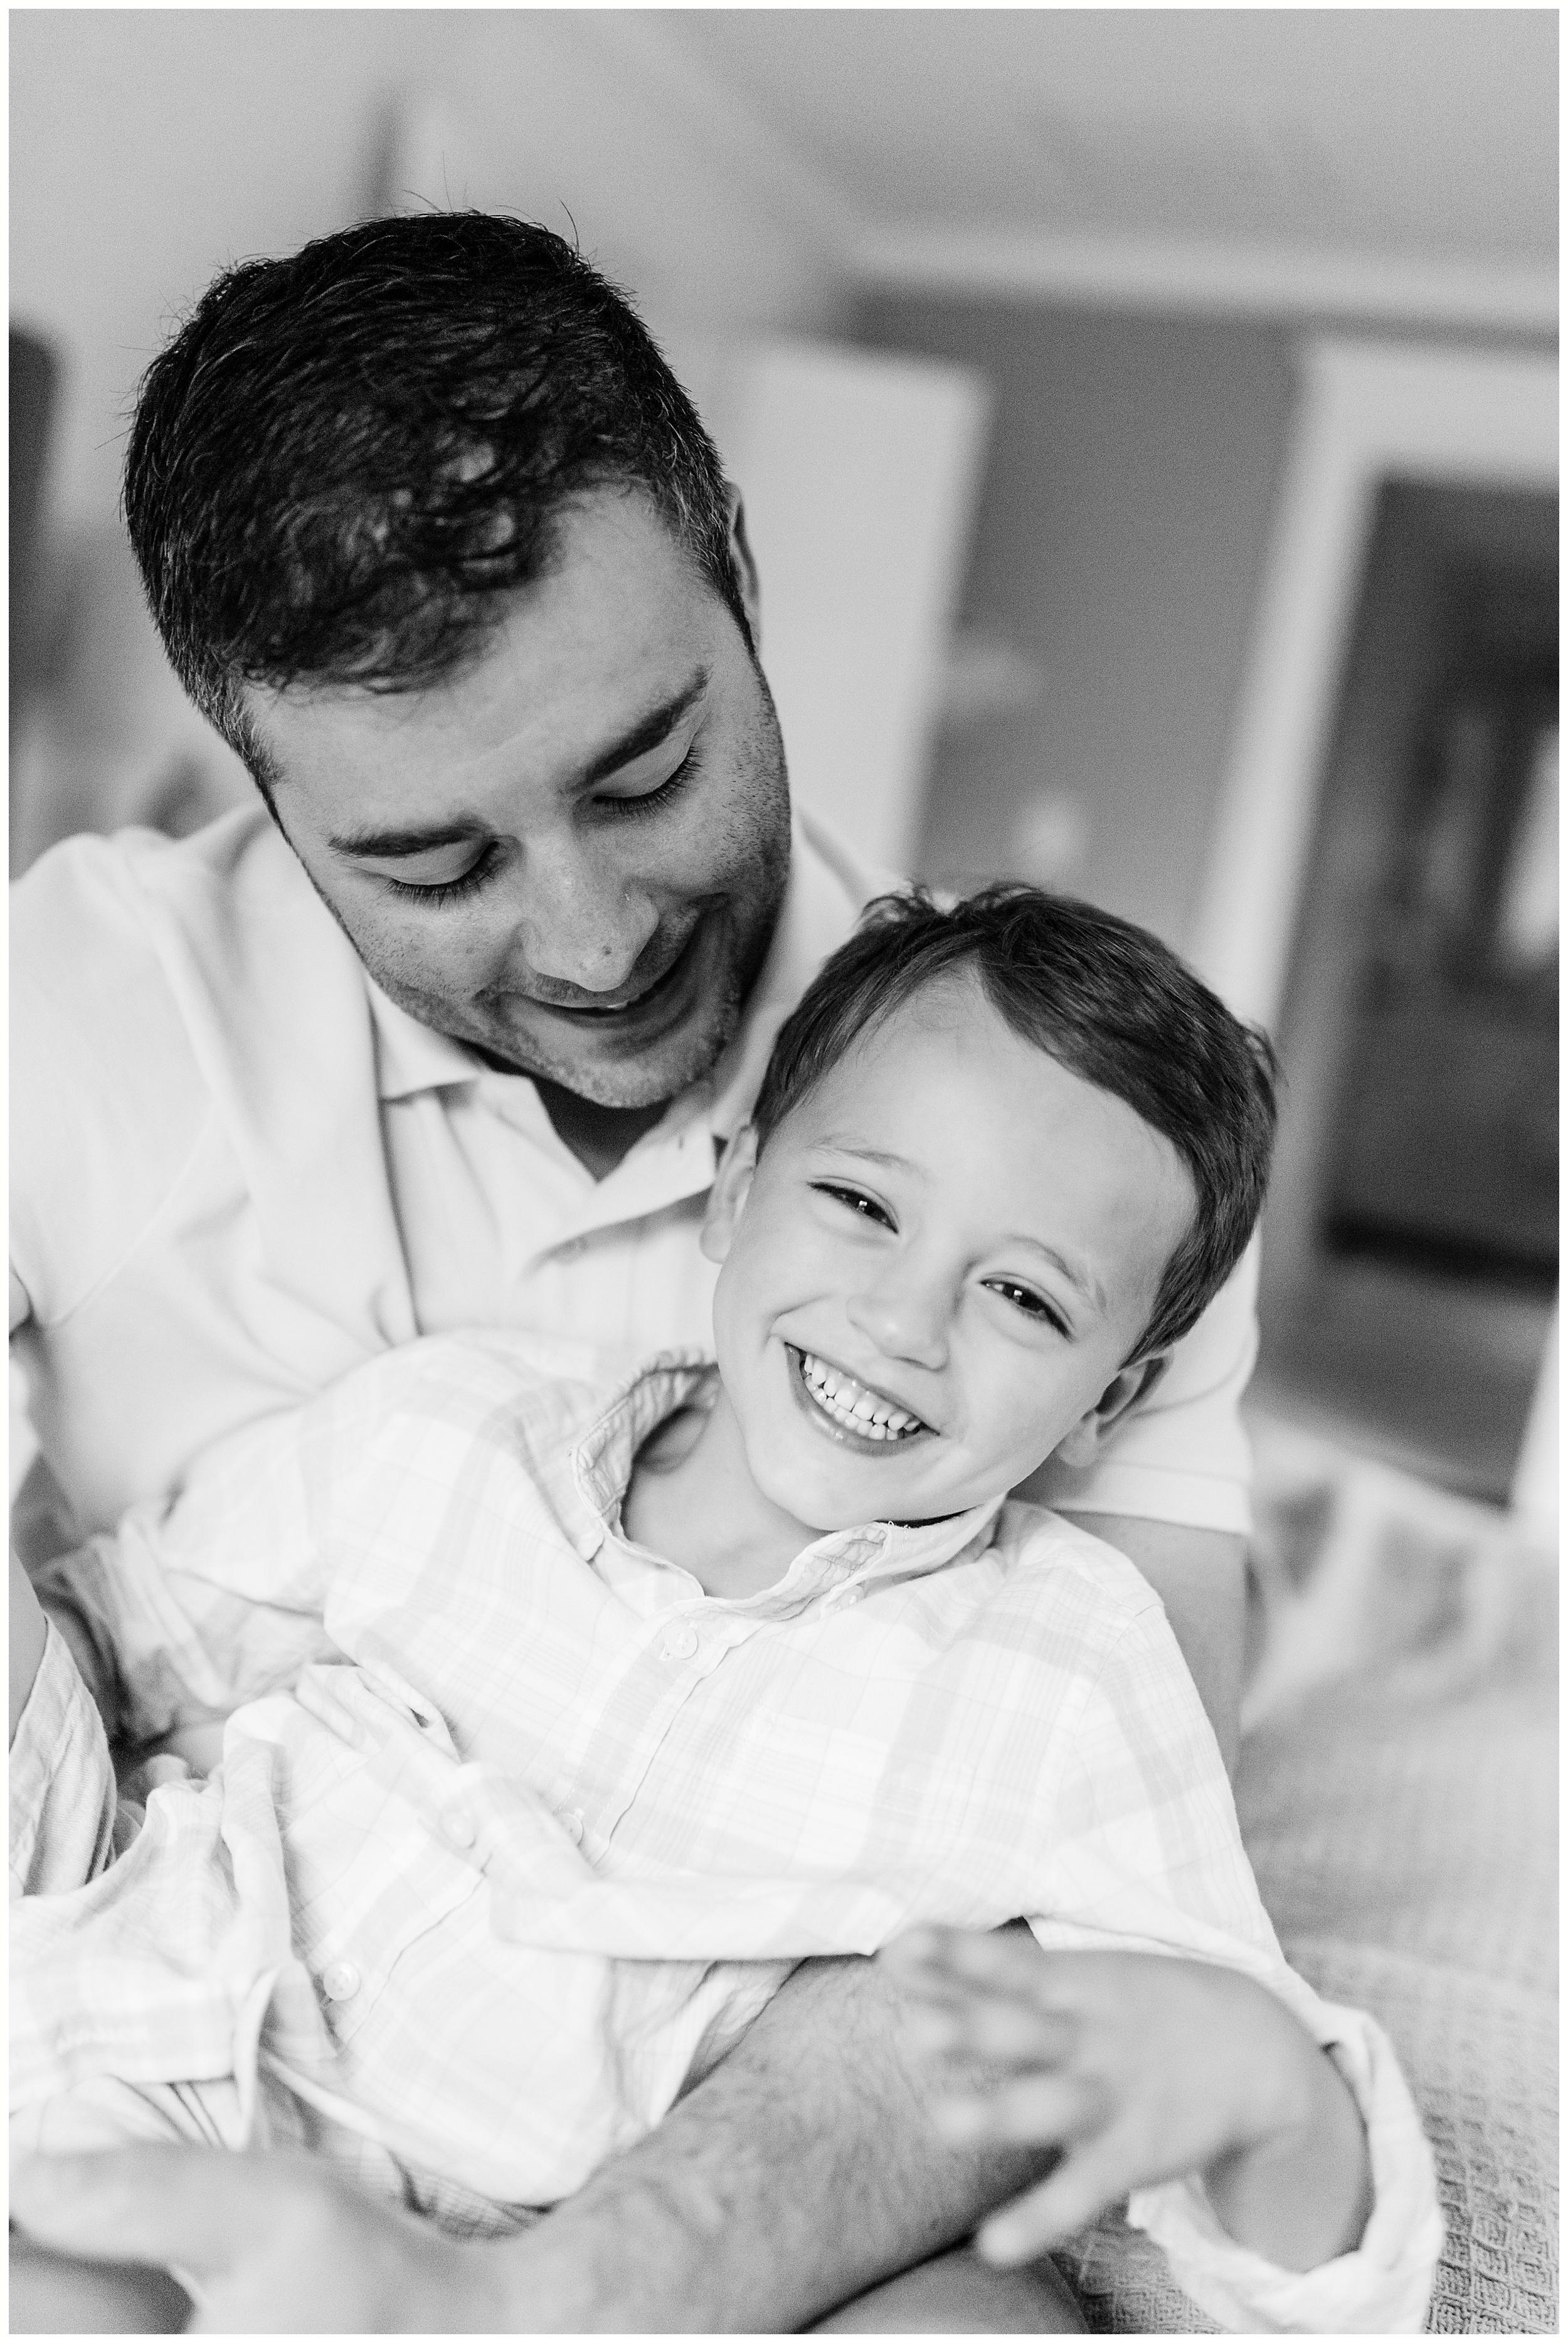 lexington-ky-family-lifestyle-photographer-priscilla-baierlein_1382.jpg